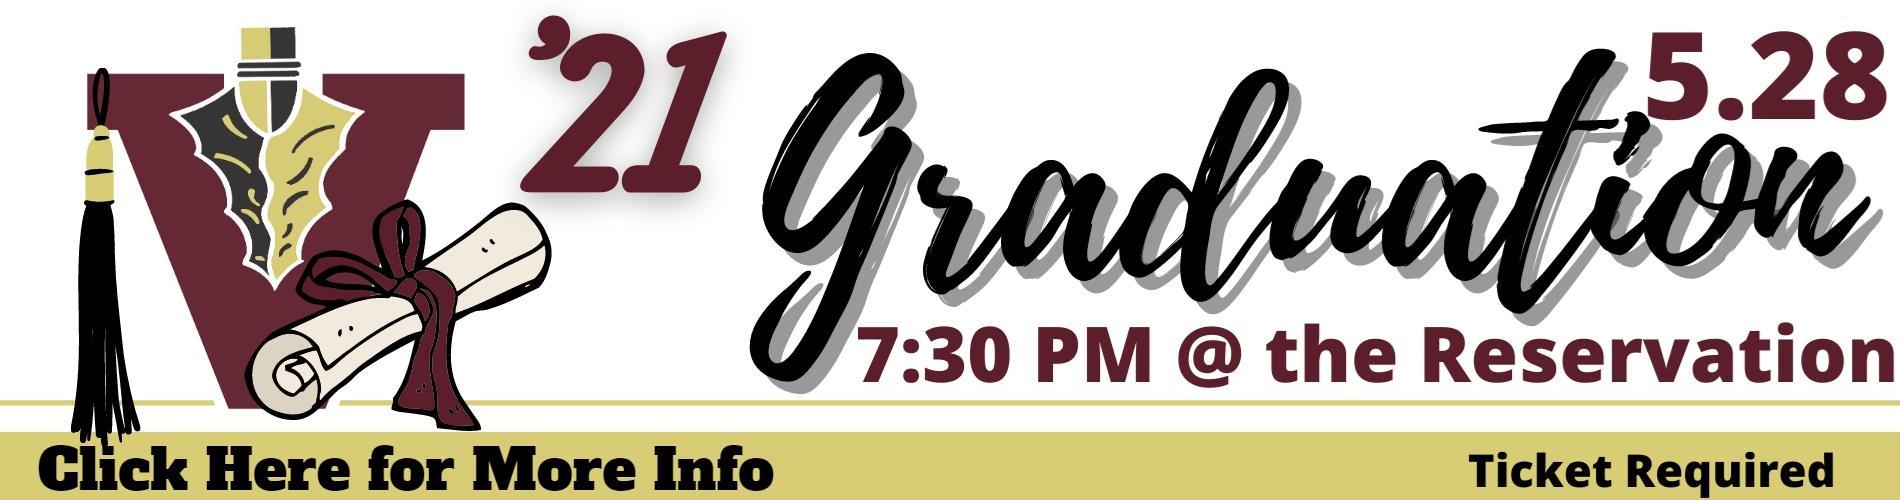 Graduation 2021 Announcement